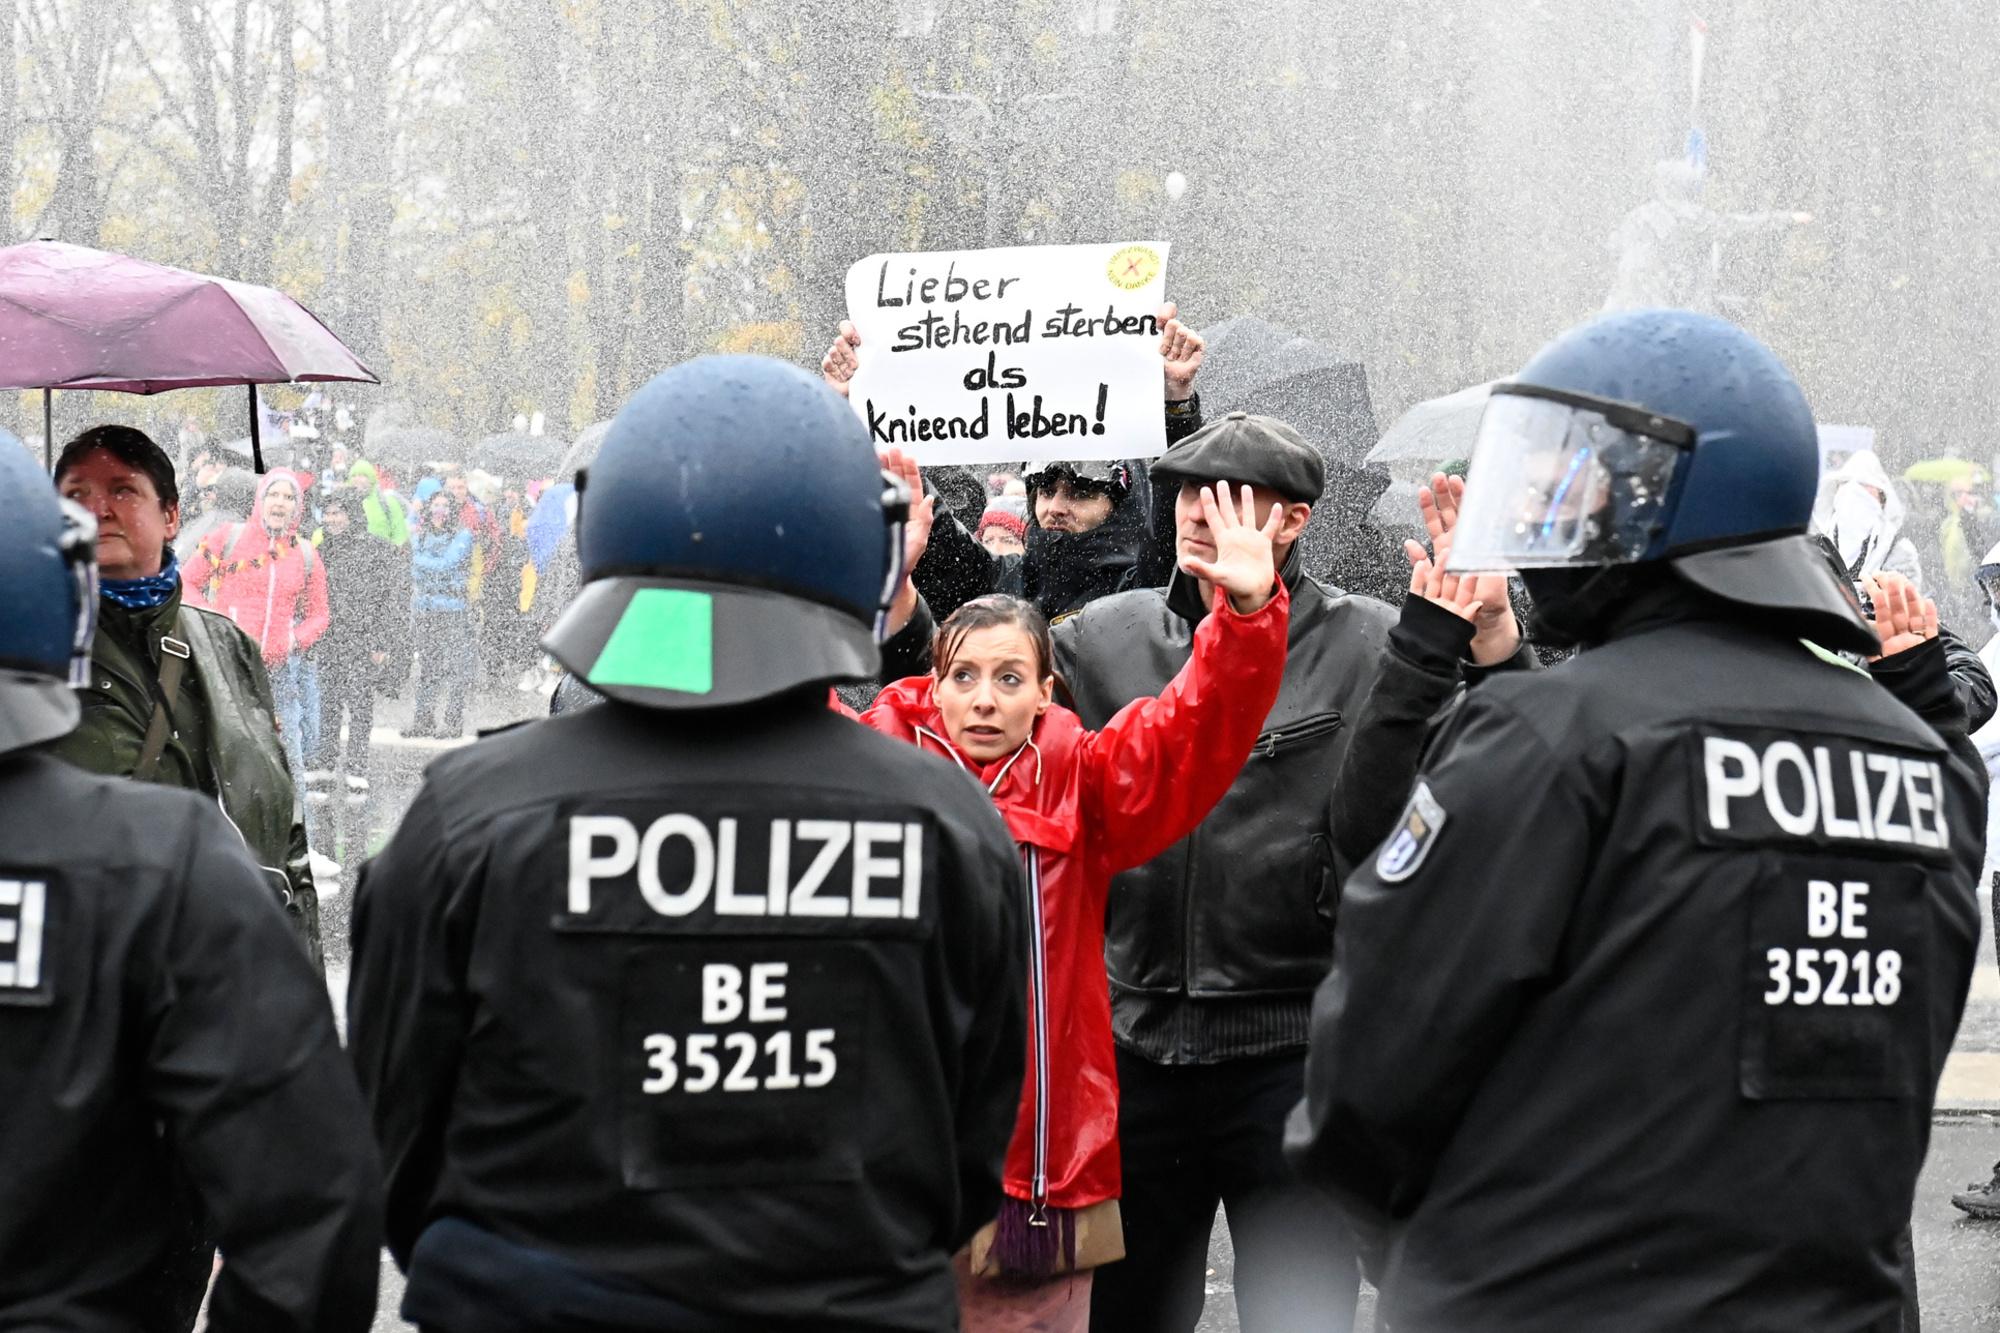 """Un manifestant brandit une affiche sur laquelle on peut lire """"Plutôt mourir debout que de vivre à genoux"""" alors que la police utilise un canon à eau pour disperser les manifestants qui protestent contre les mesures imposées par le gouvernement allemand pour limiter la propagation du coronavirus, le 18 novembre 2020 à la Porte de Brandebourg à Berlin., Belga Image"""